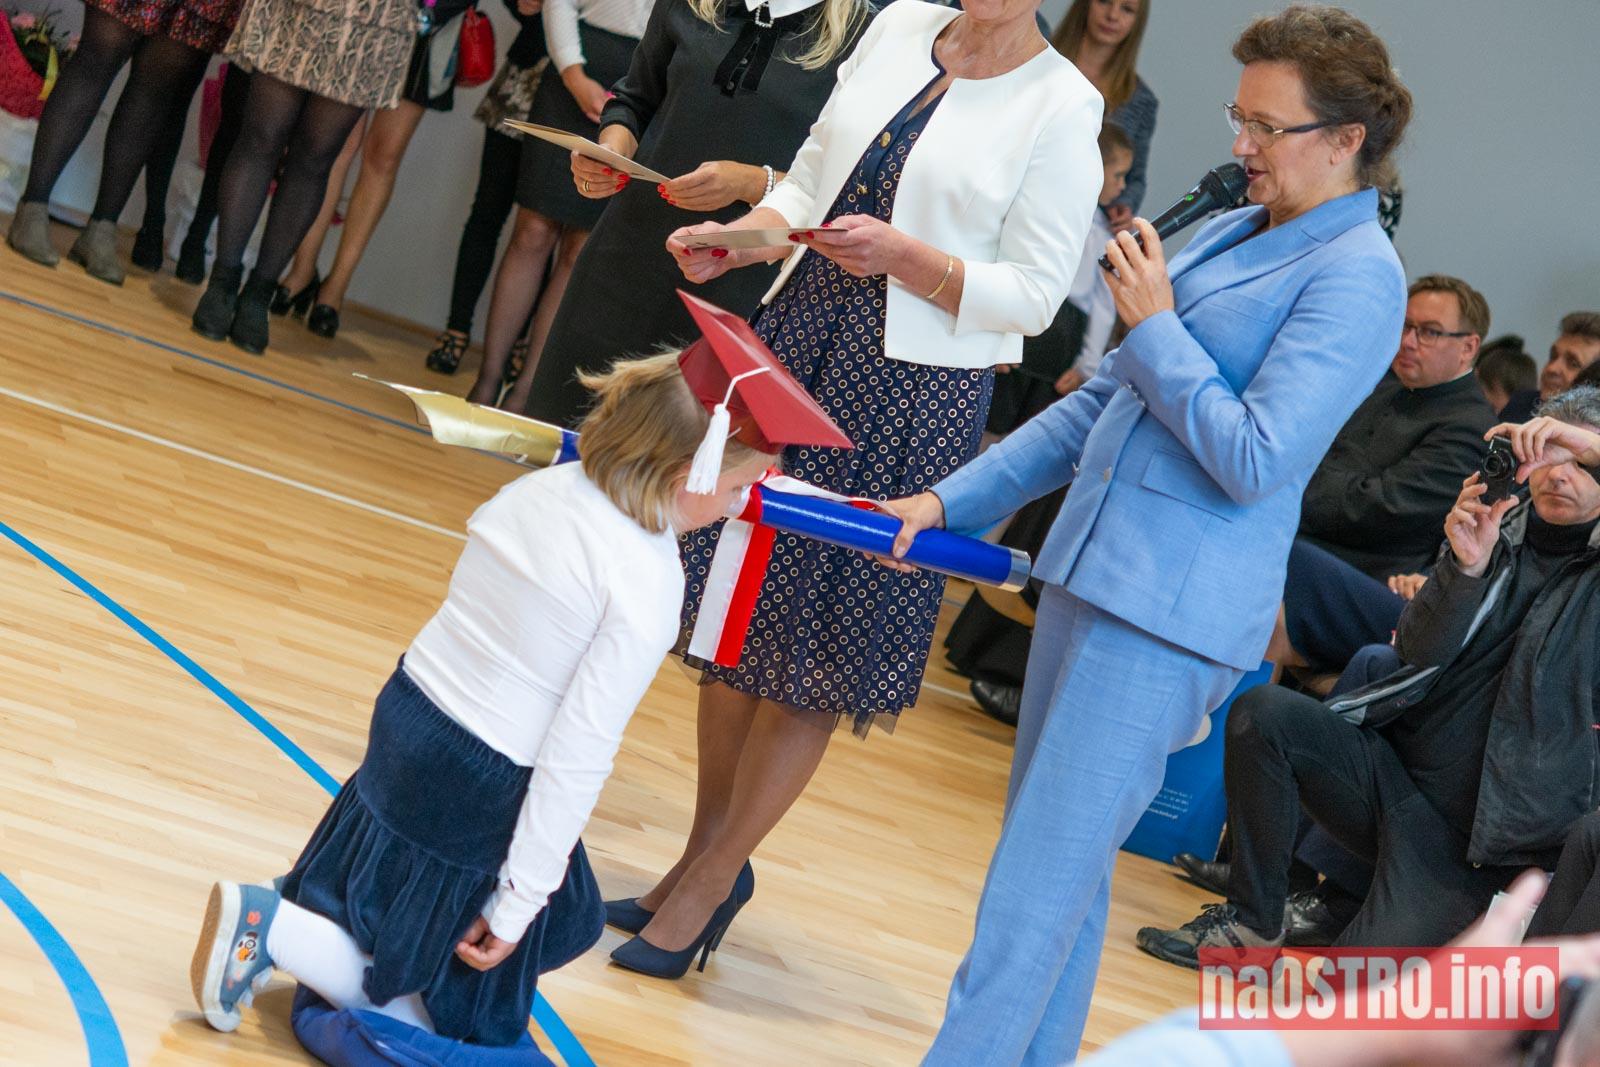 NaOSTRO Otwarcie Szkoły w Bałtowie-160